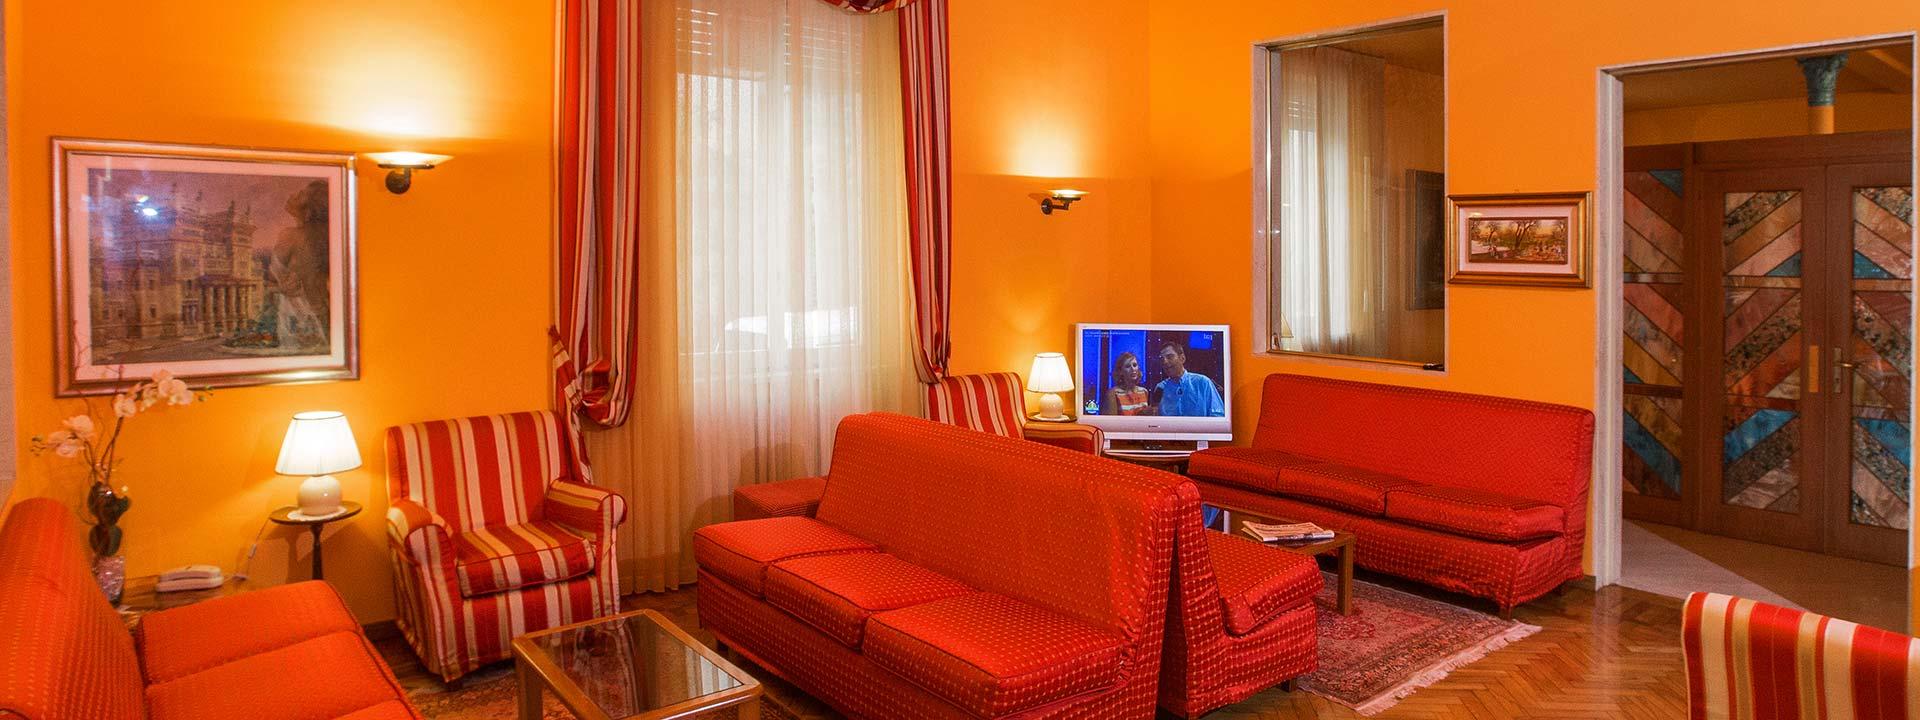 Hotel con parcheggio gratis a salsomaggiore terme albergo nazionale - Piscina termale salsomaggiore ...